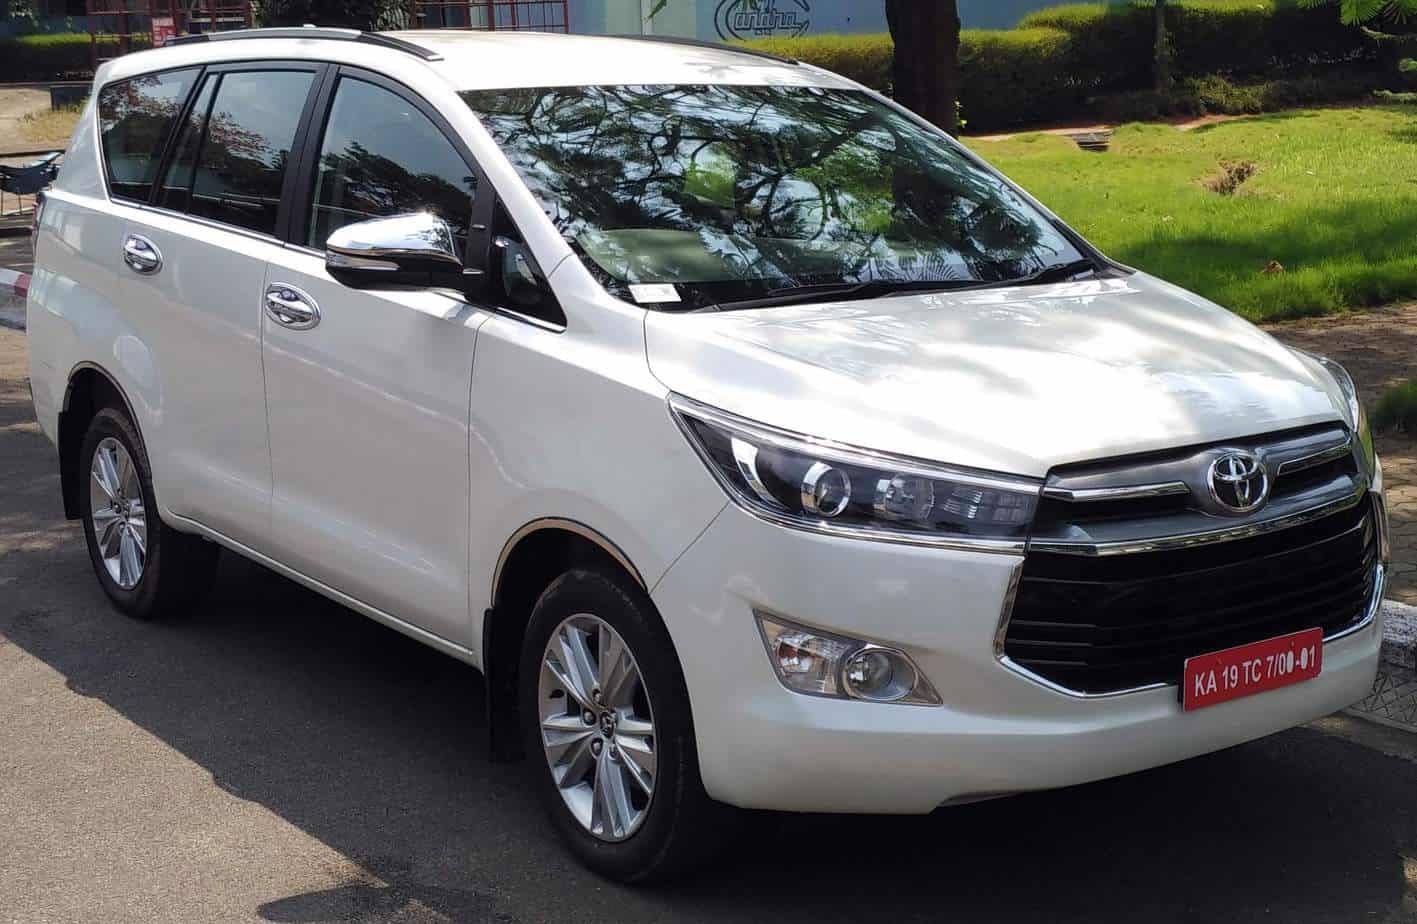 Đánh giá chi tiết Toyota Innova: Vì sao người dùng ưa chuộng? 11